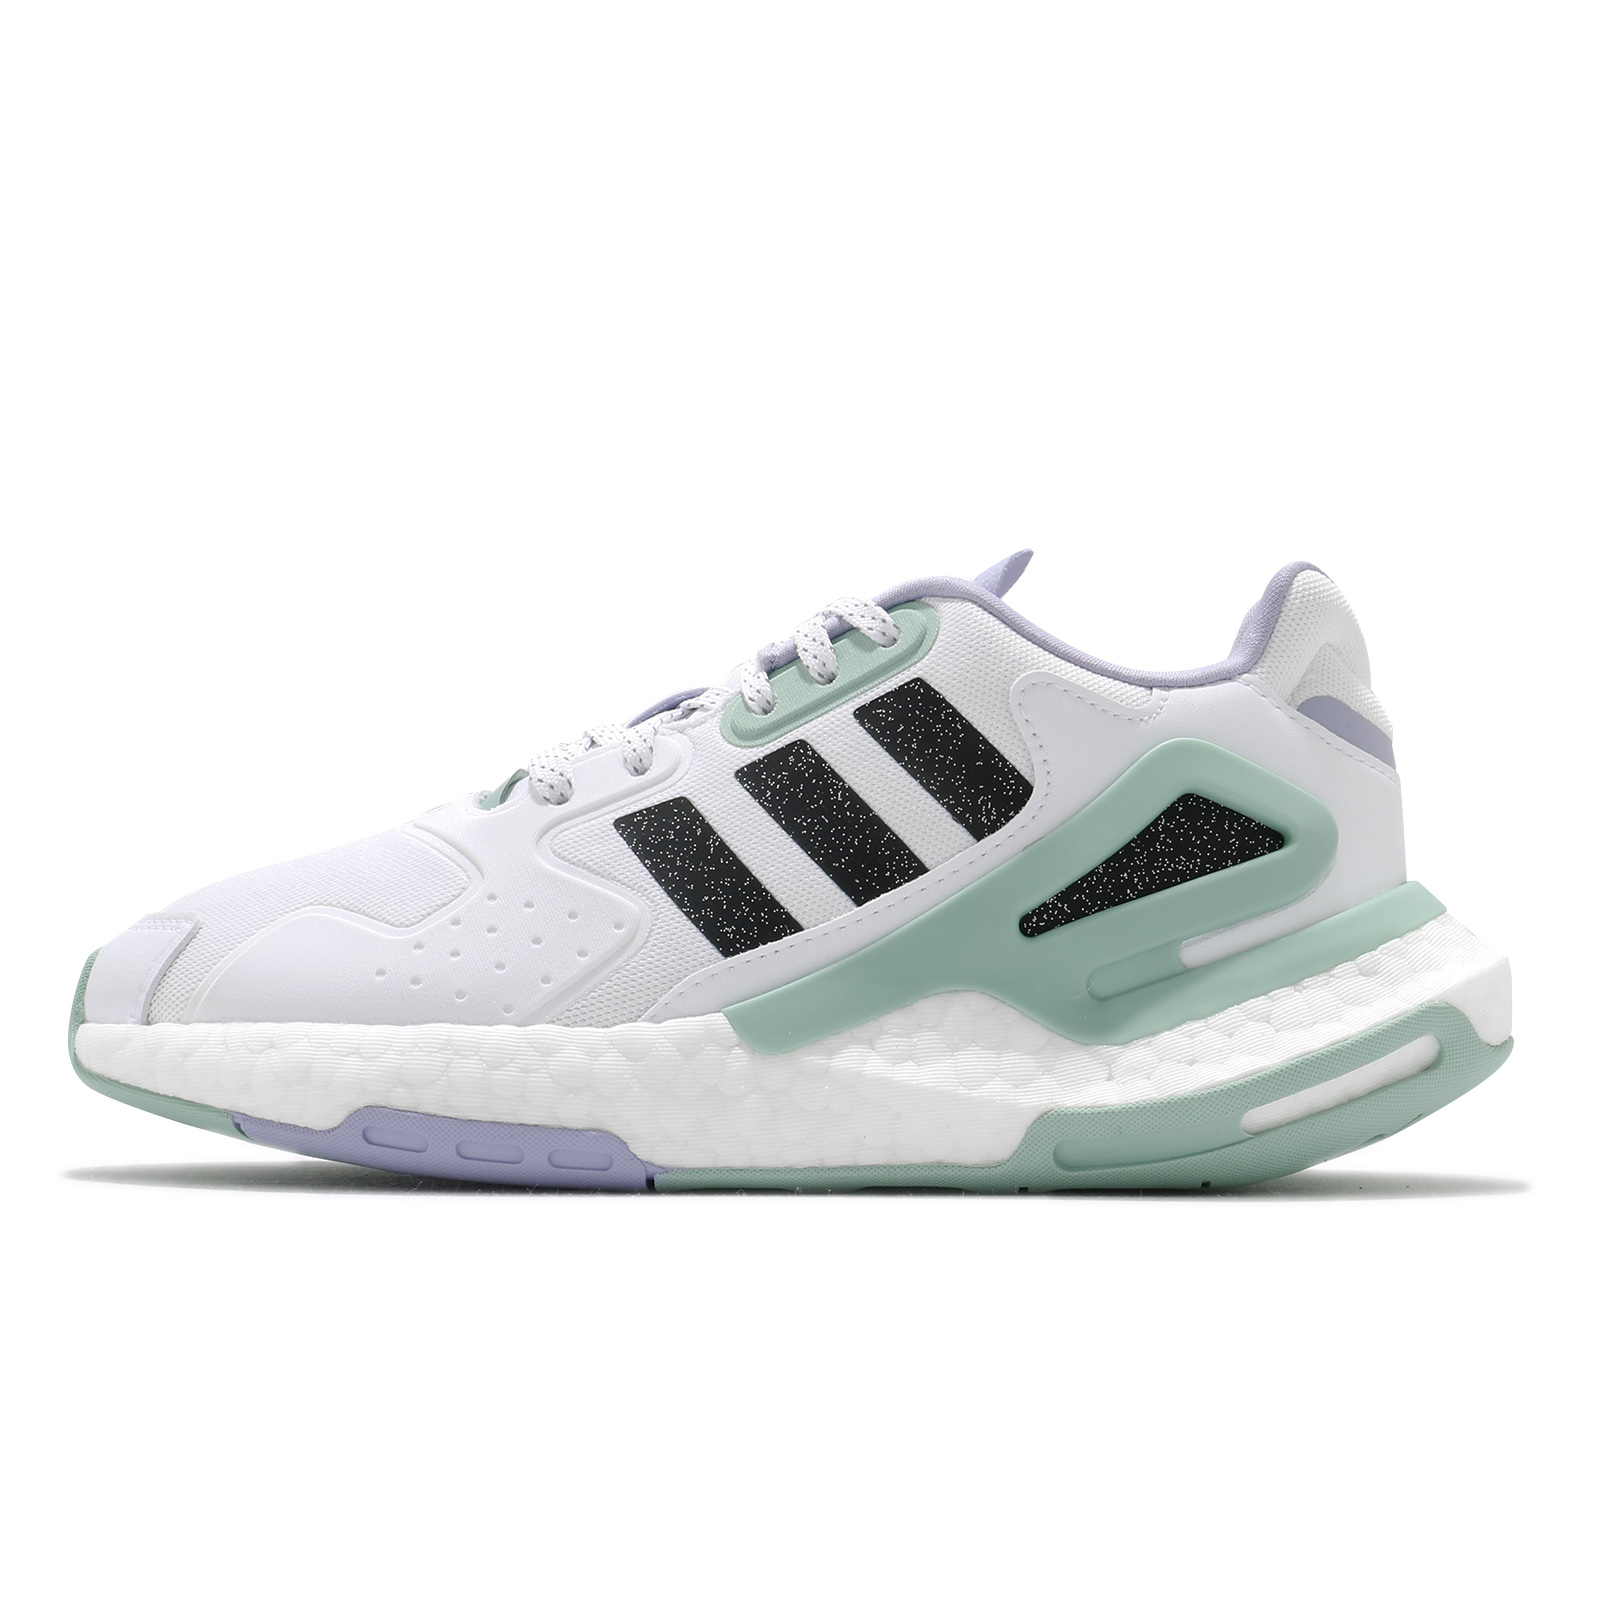 -商品型號:H03262-商品定價:4290-商品特色:DAY JOGGER 經典鞋搭載超舒適避震材質的輕量網布運動鞋沒有計畫,也沒有規則。只需要遵循日常步調,目的地是哪裡不重要。穿上這款 adida